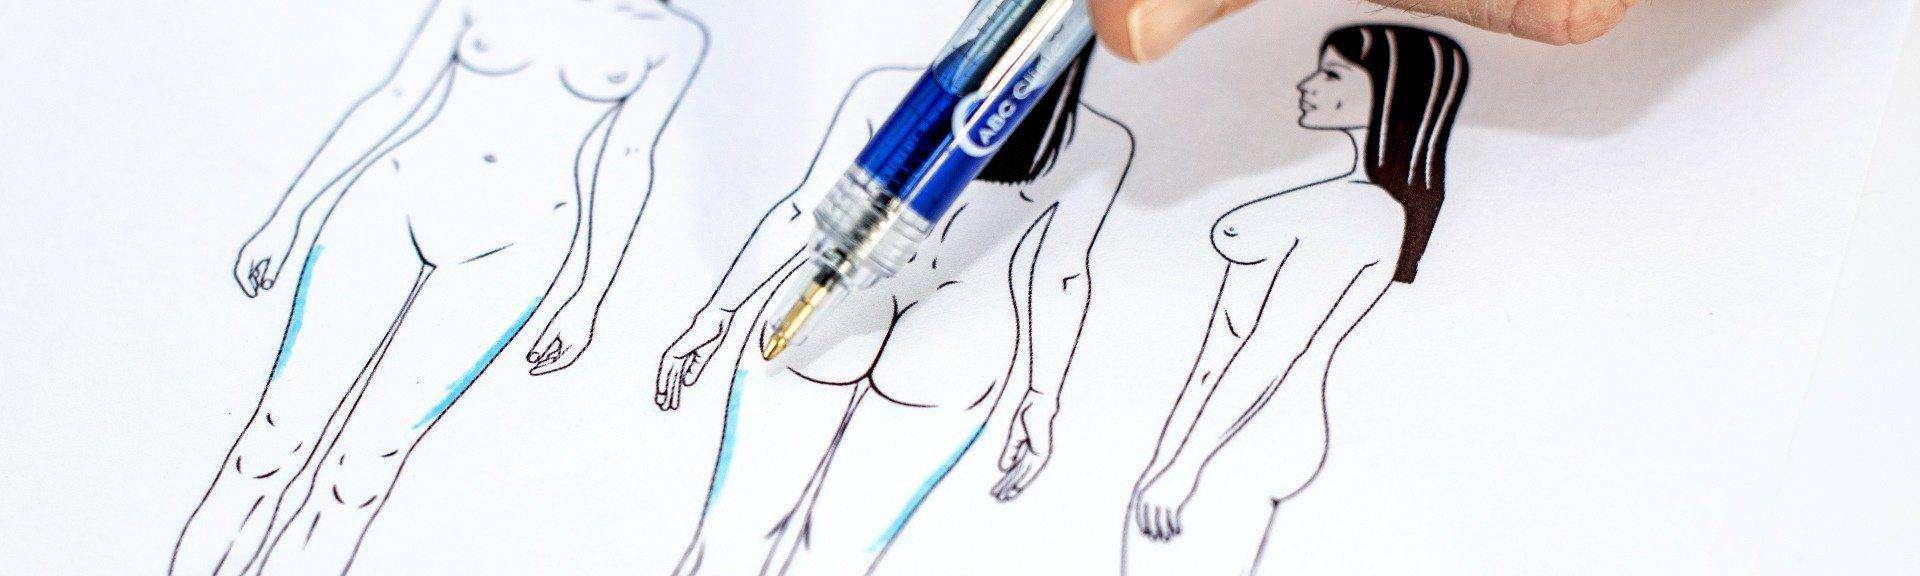 behandelingen - liposuctie - buitenkant benen